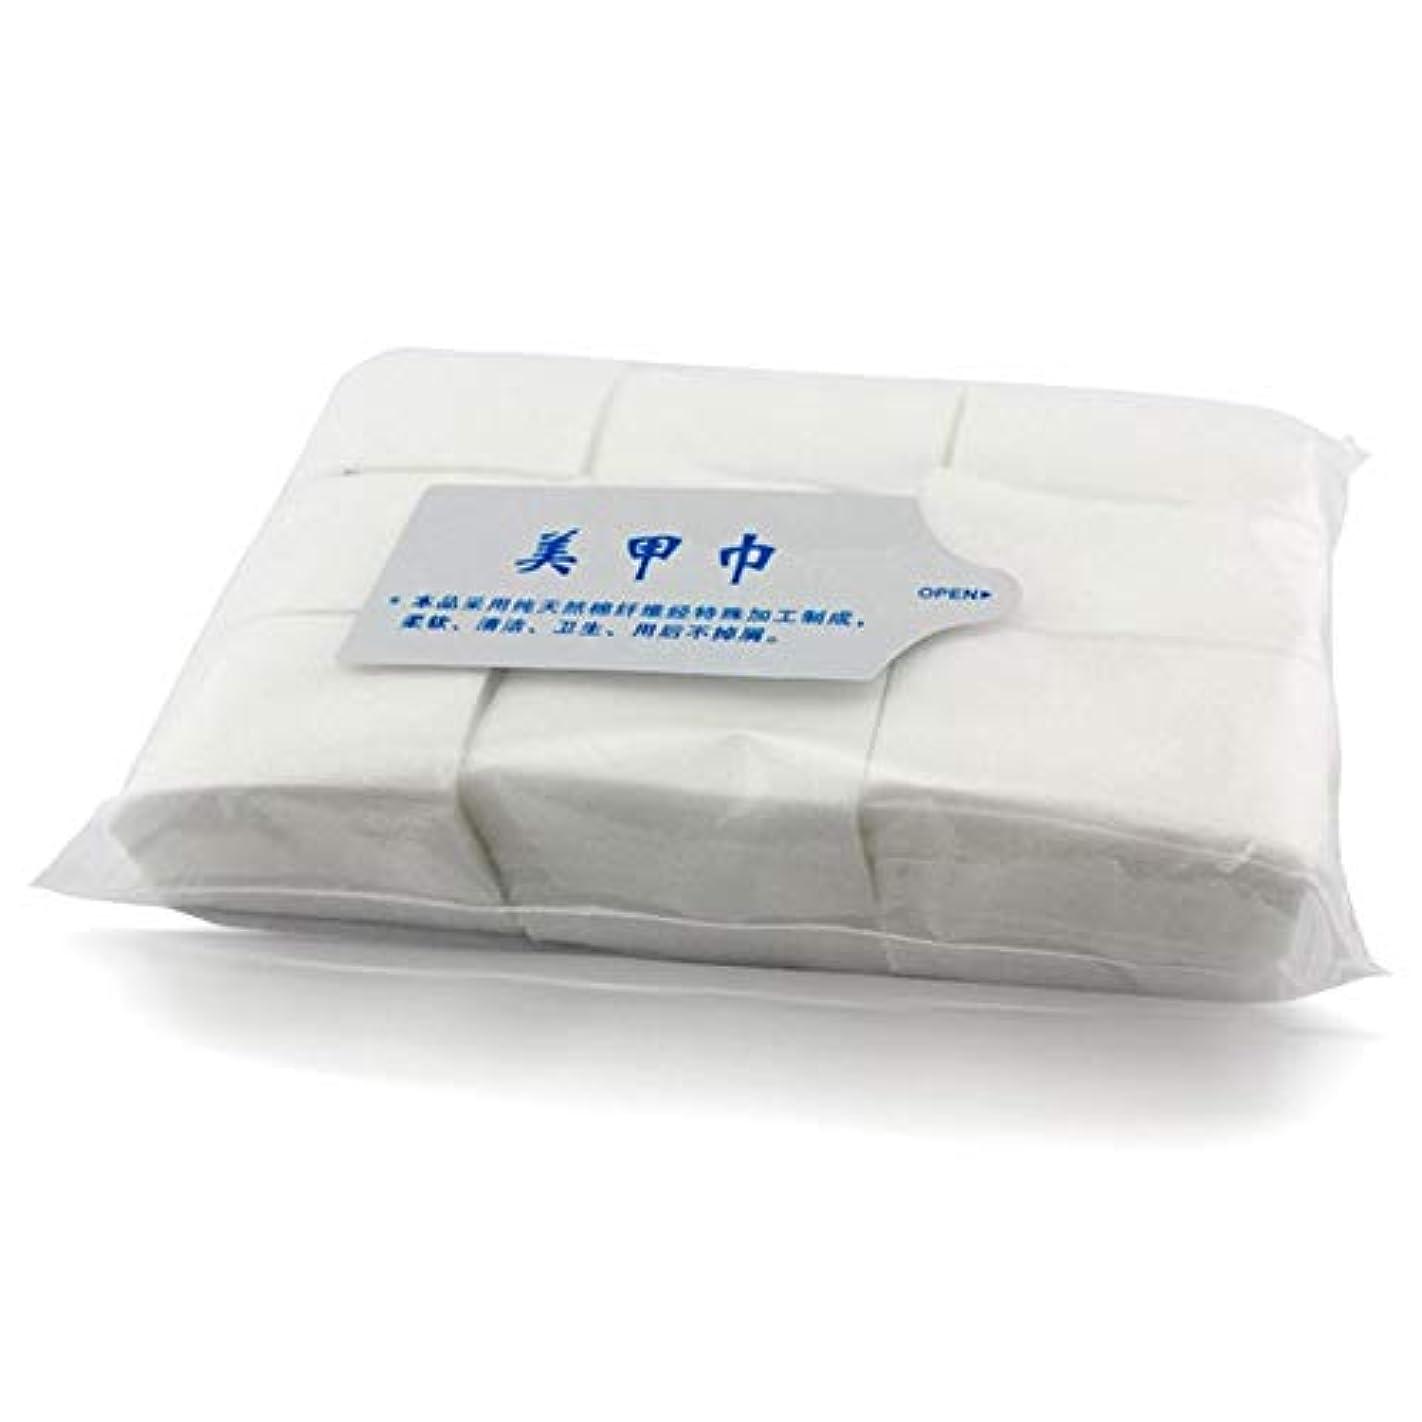 ブルーベル補体投資ネイルワイプ 天然素材不織布 900枚入り コットン ワイプ/ジェル ネイル マニュキア オフ (2pack)